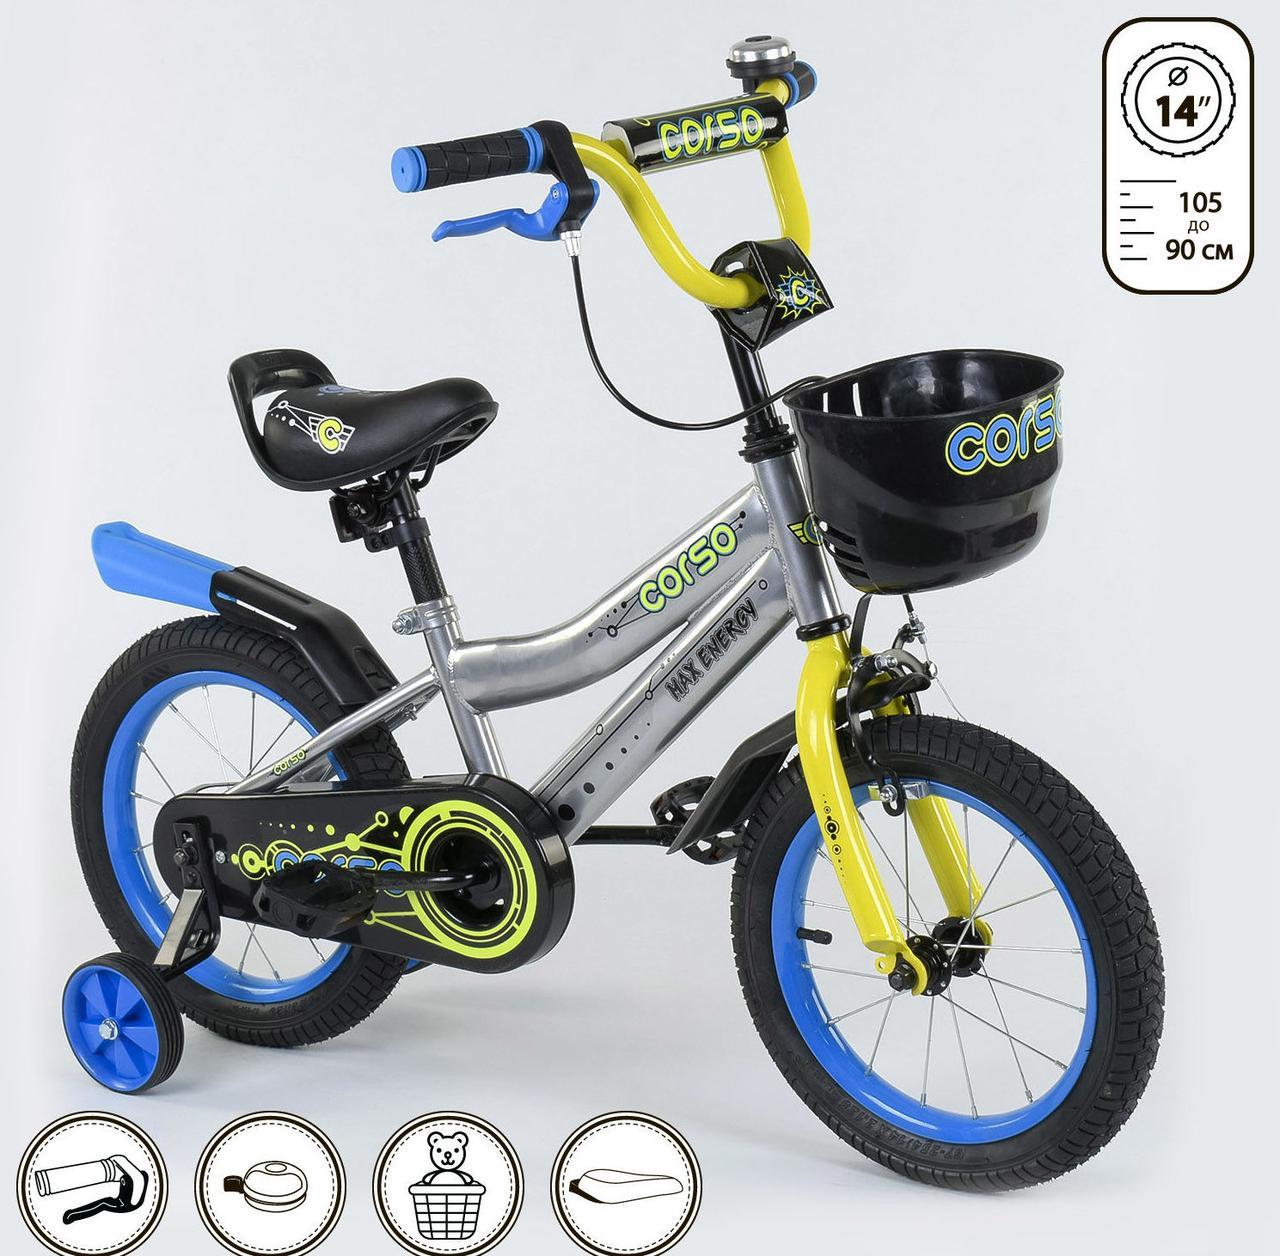 """Велосипед 14"""" дюймов 2-х колёсный R - 14687 """"CORSO"""" (1) ручной тормоз, звоночек, сидение с ручкой, доп. колеса"""